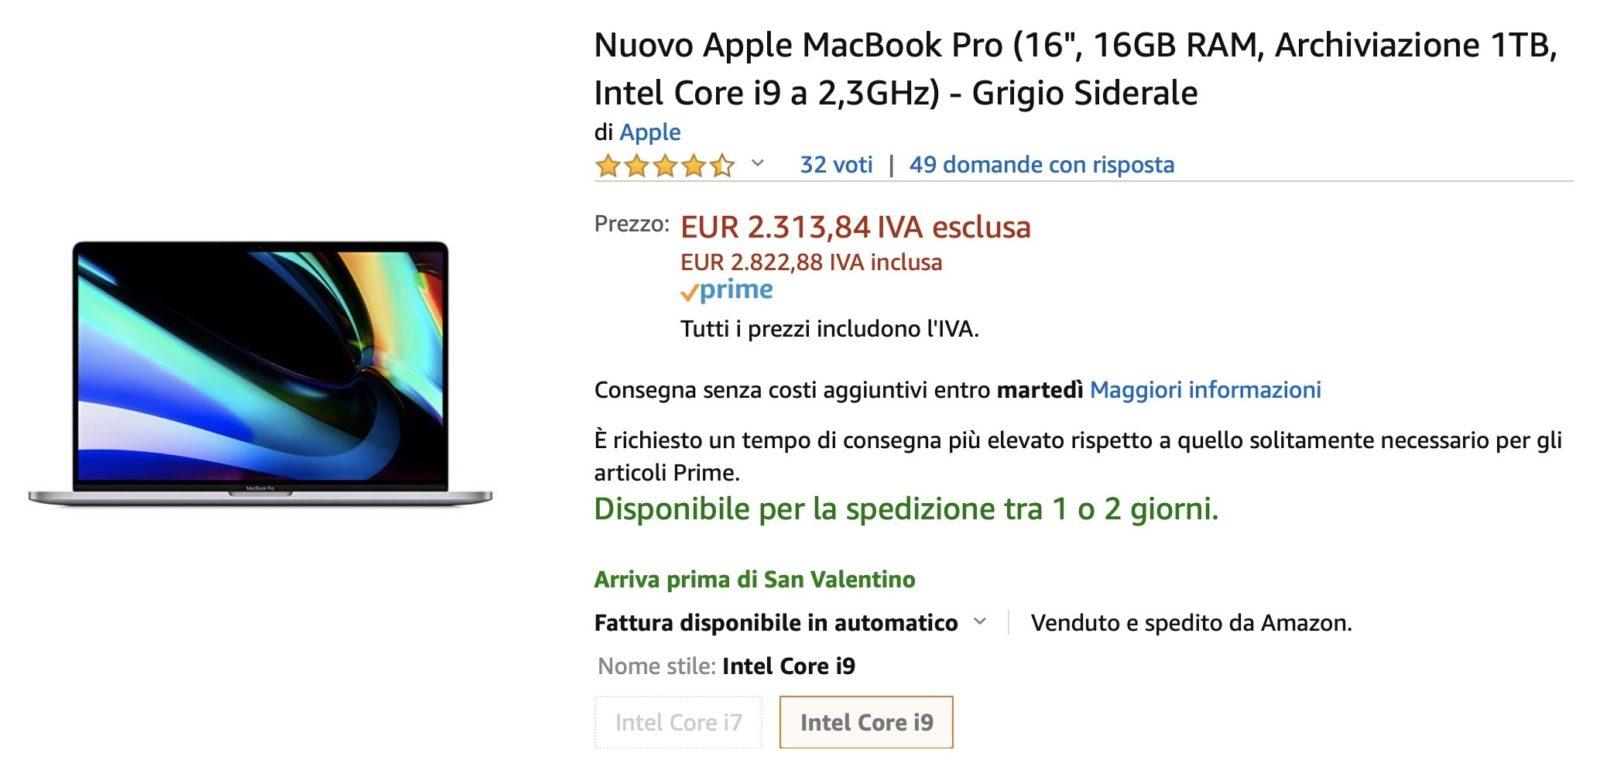 Storico ribasso, il MacBook Pro 16″ 1 TB costa meno del 512 GB: 2784€